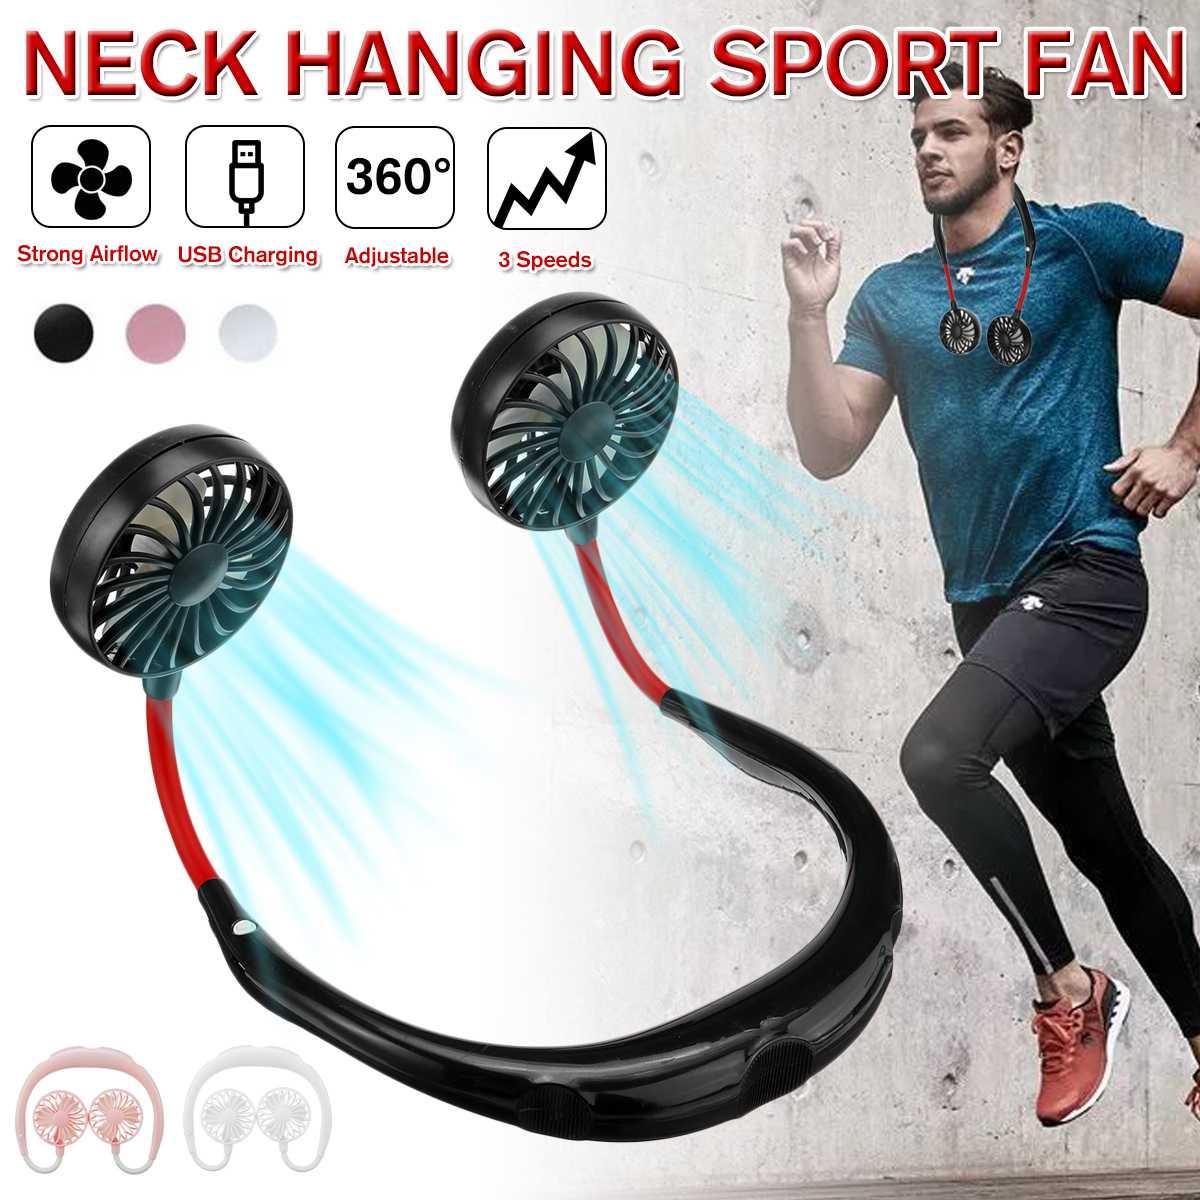 NEW 360° Adjustment USB Portable Fan Hands-free Neck Fan Hanging Rechargeable Mini Sports Fans 3 Gears Wearable Sport Fan